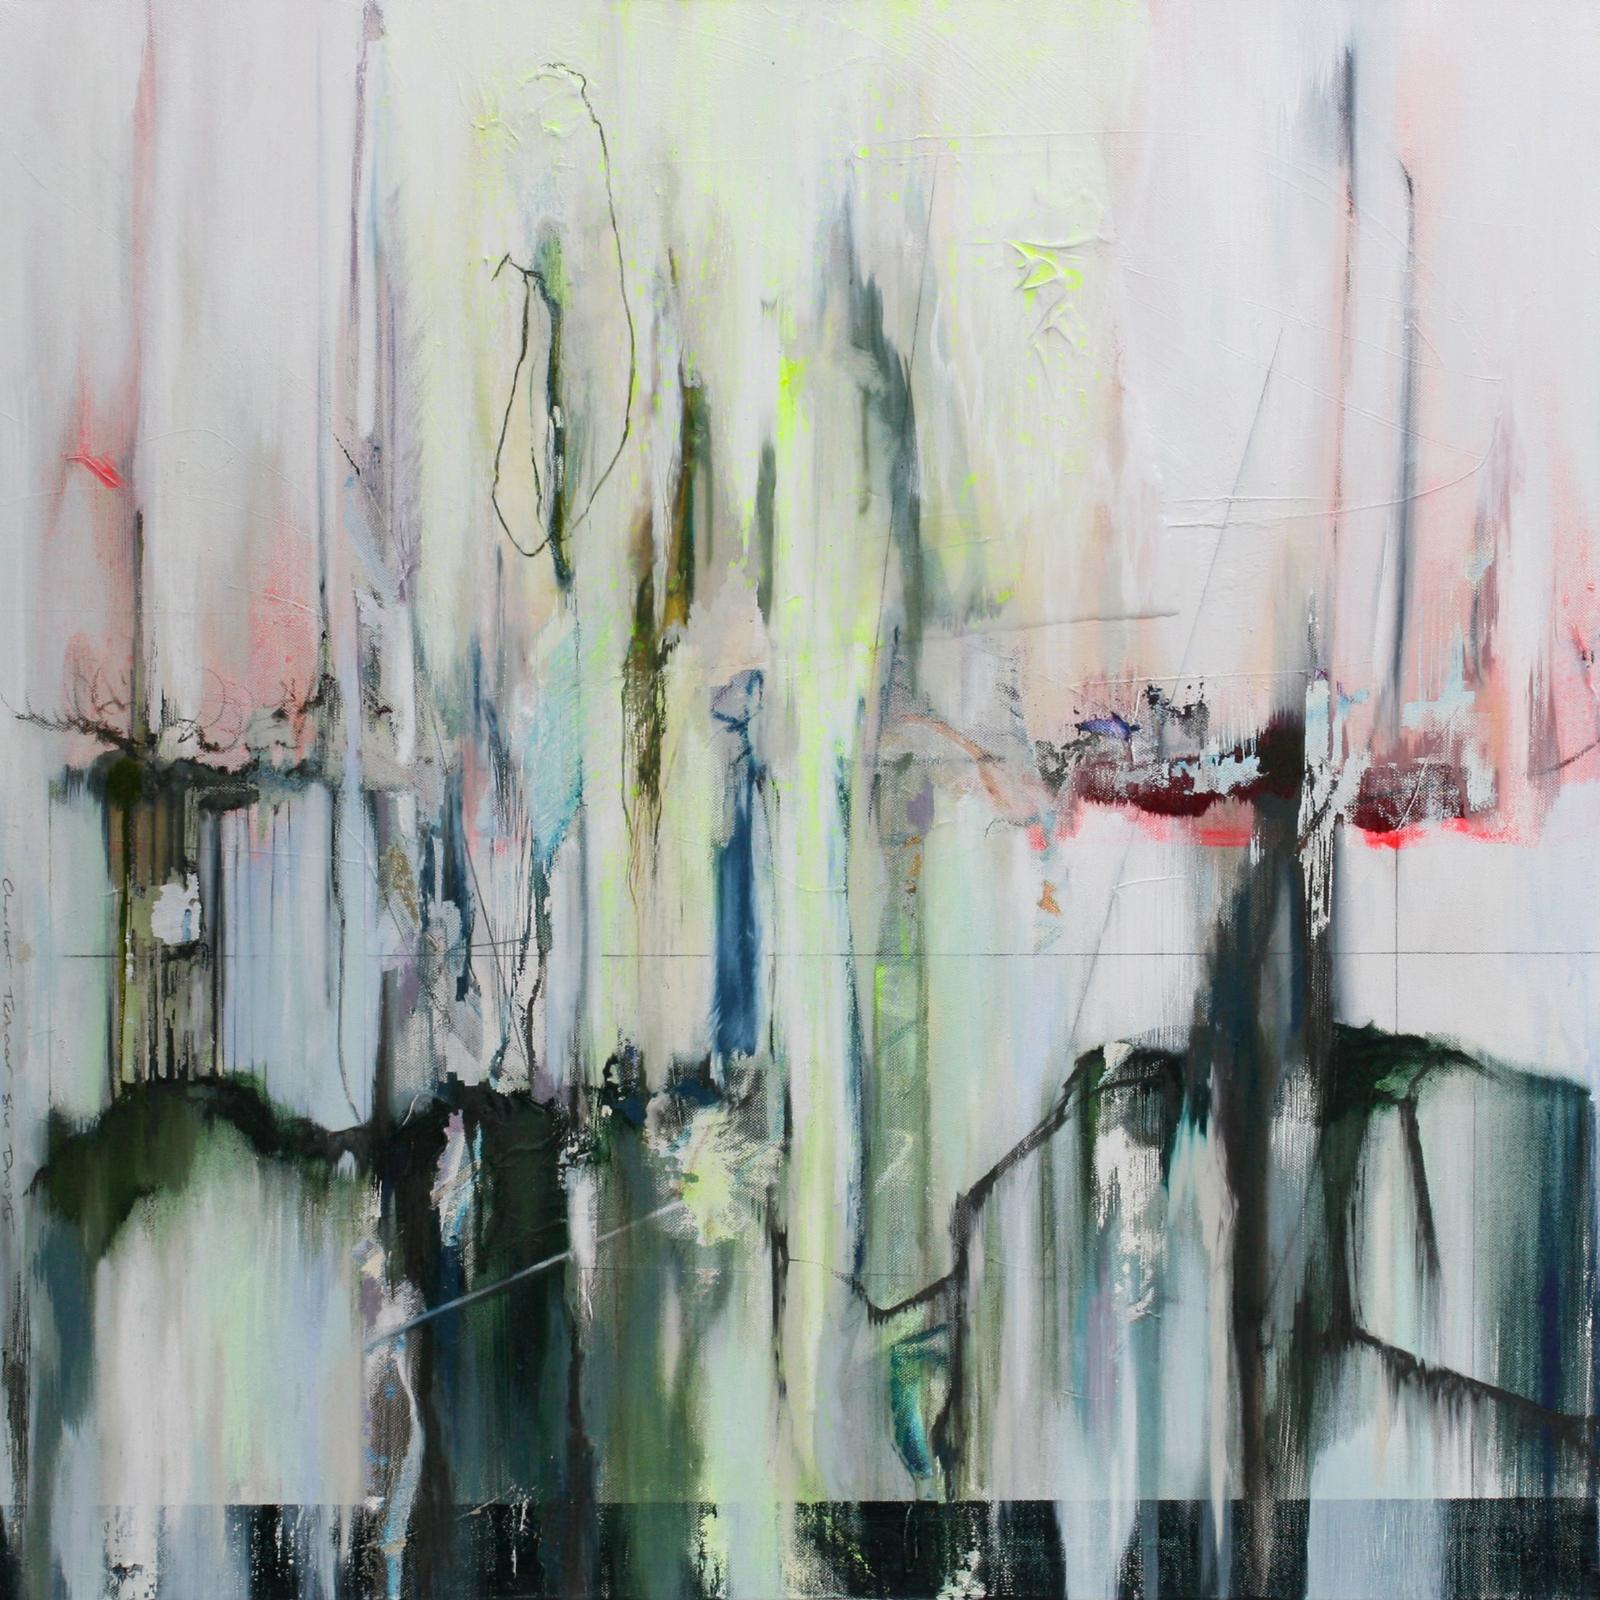 Schilderij #272